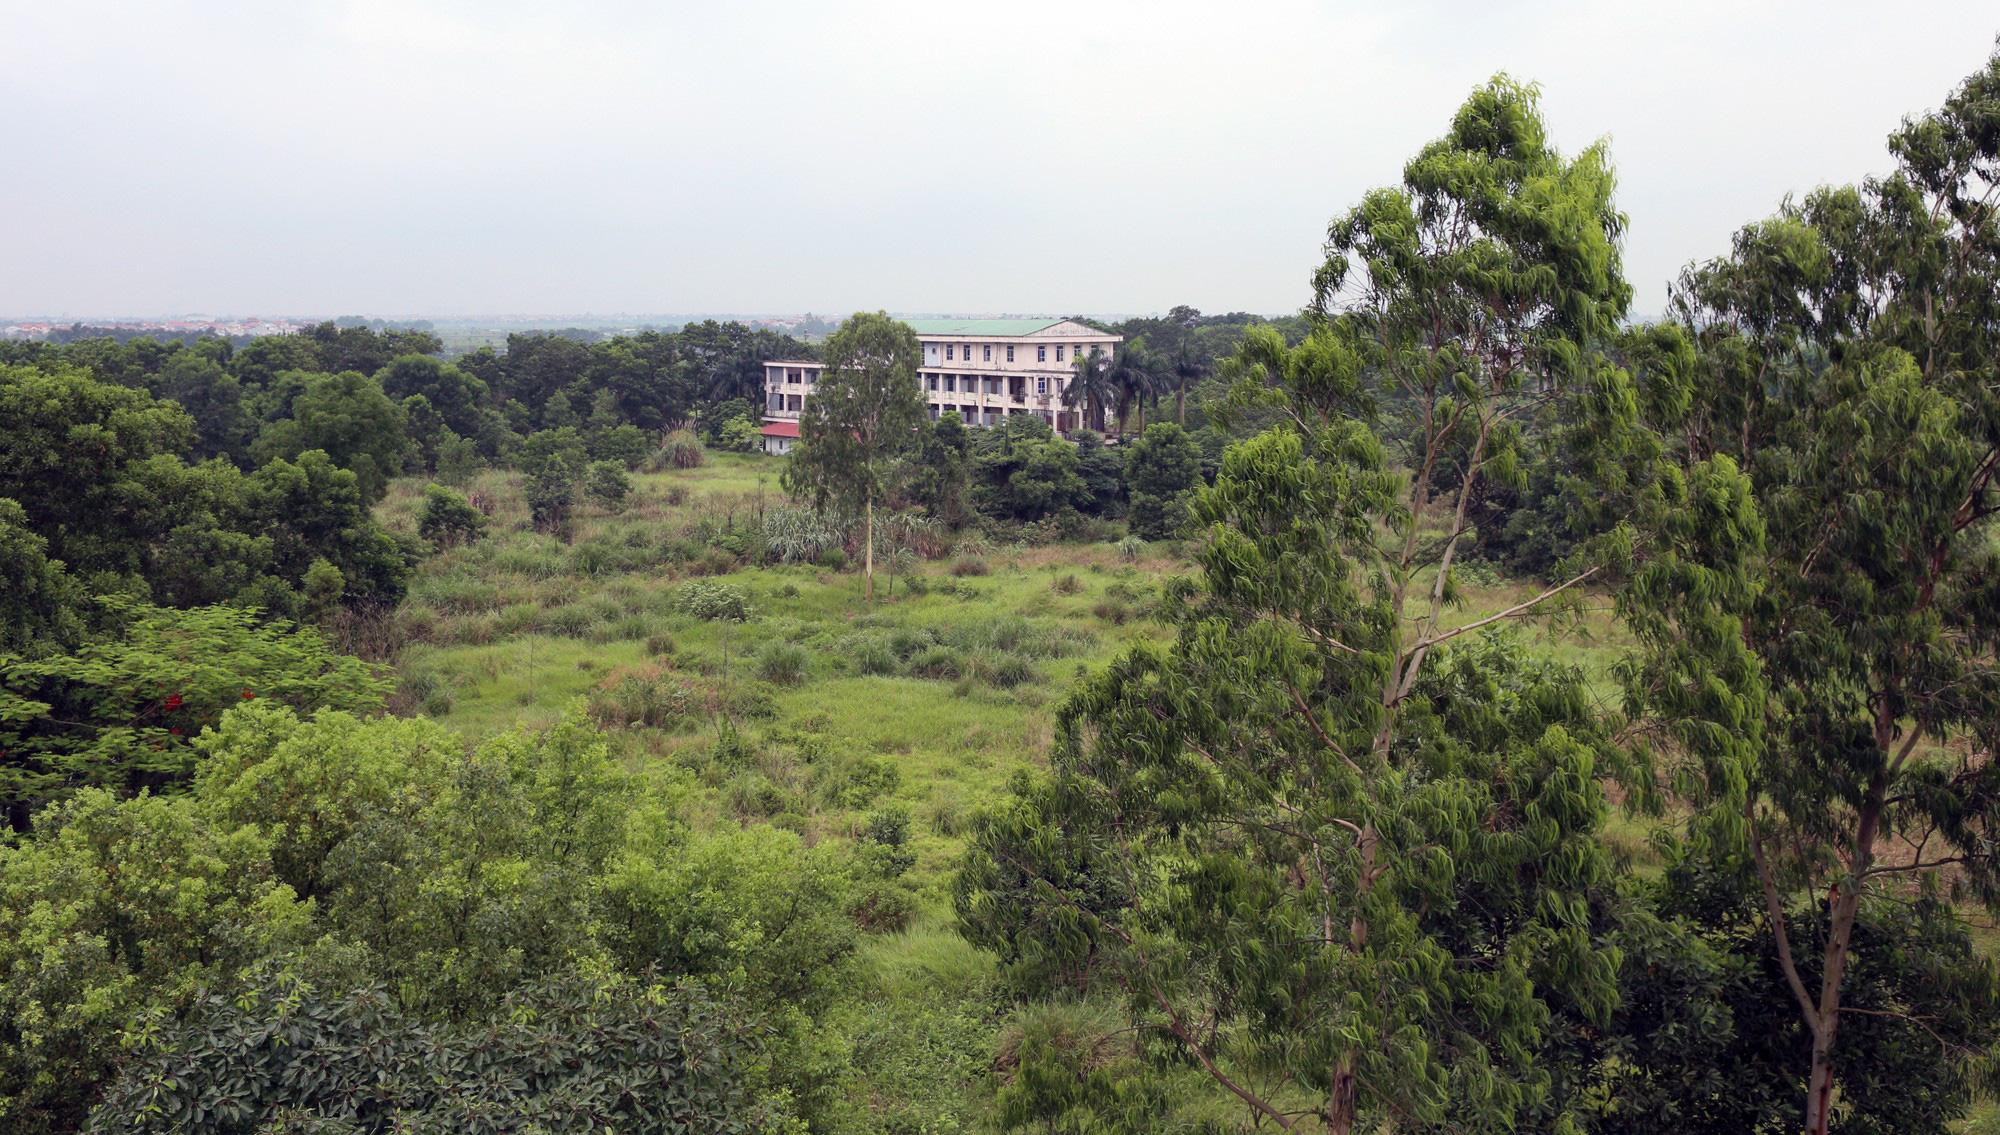 Sửa bệnh viên bỏ hoang ở Mê Linh để làm khu cách li chống dịch Covid-19 - Ảnh 2.